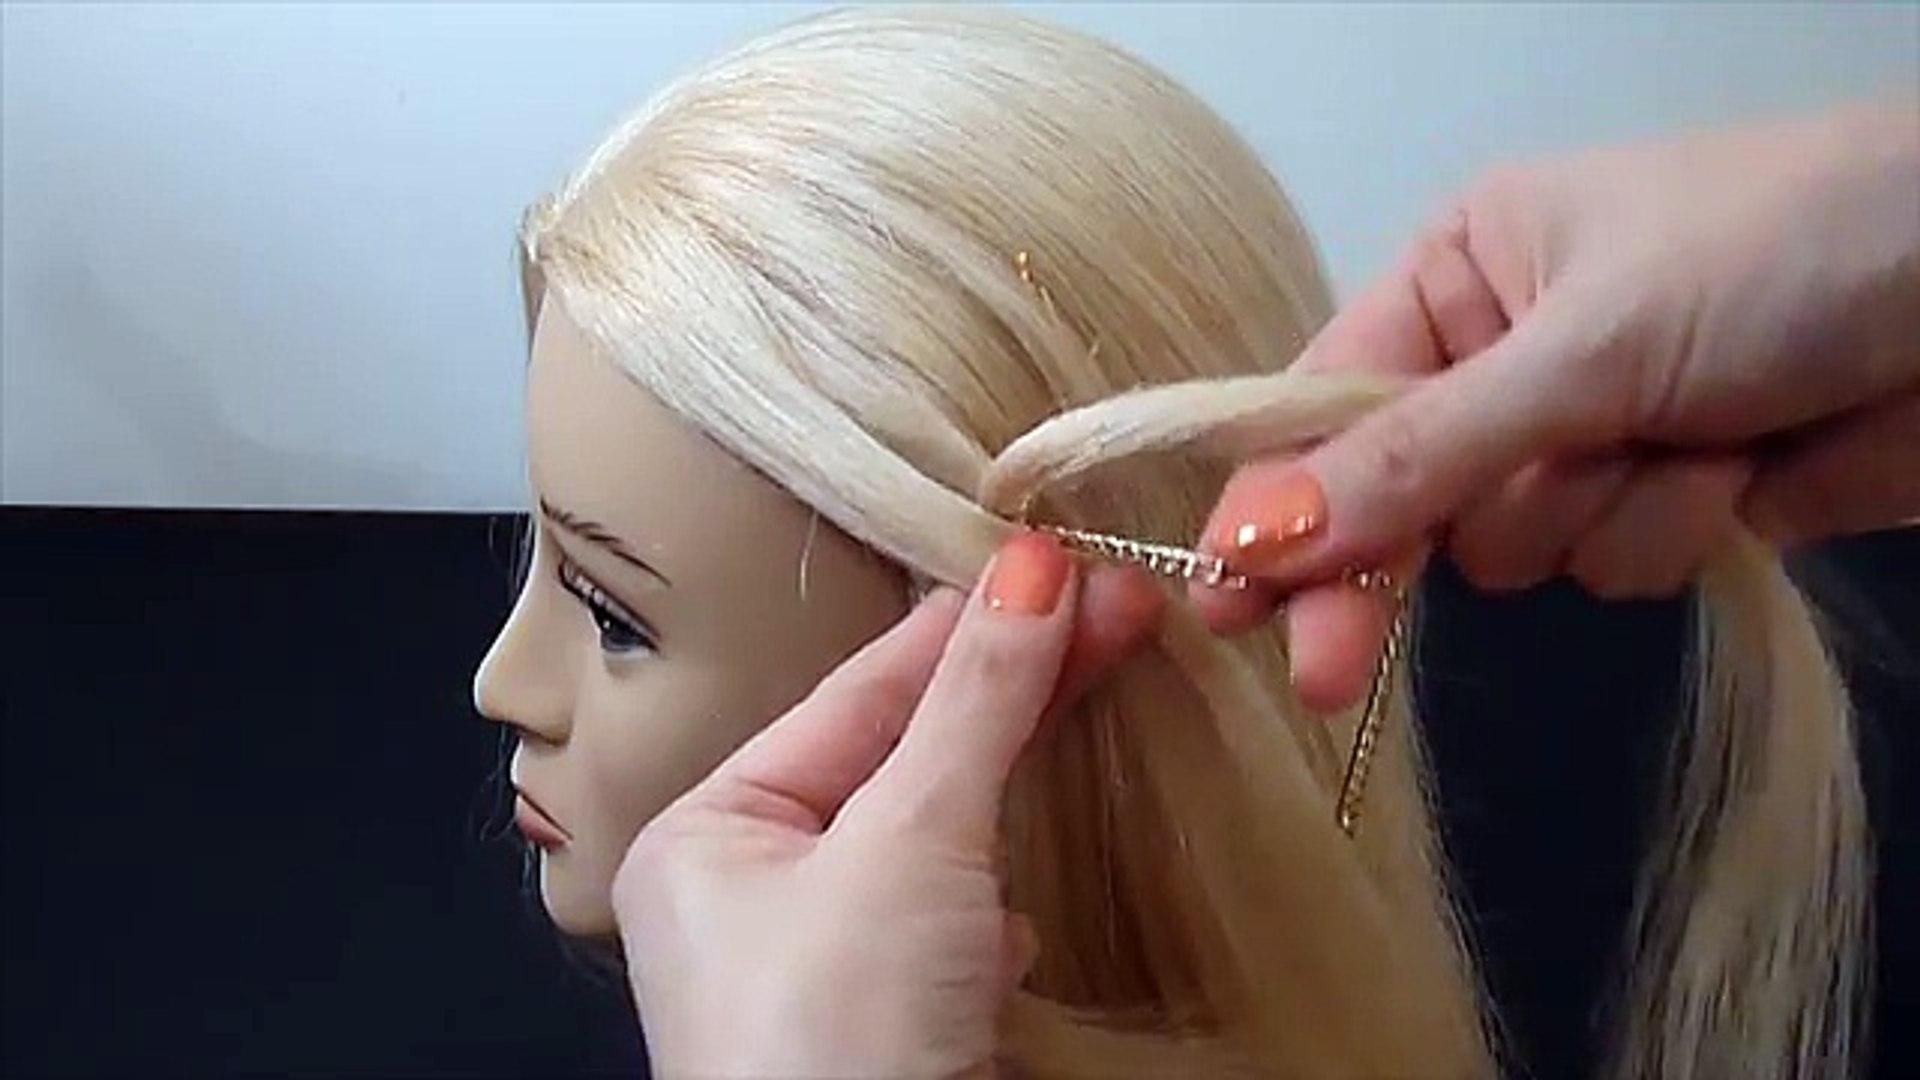 Schöne Frisurhaarezopf An Der Kopfhaut Flechtencute Braid Hairstylepeinados